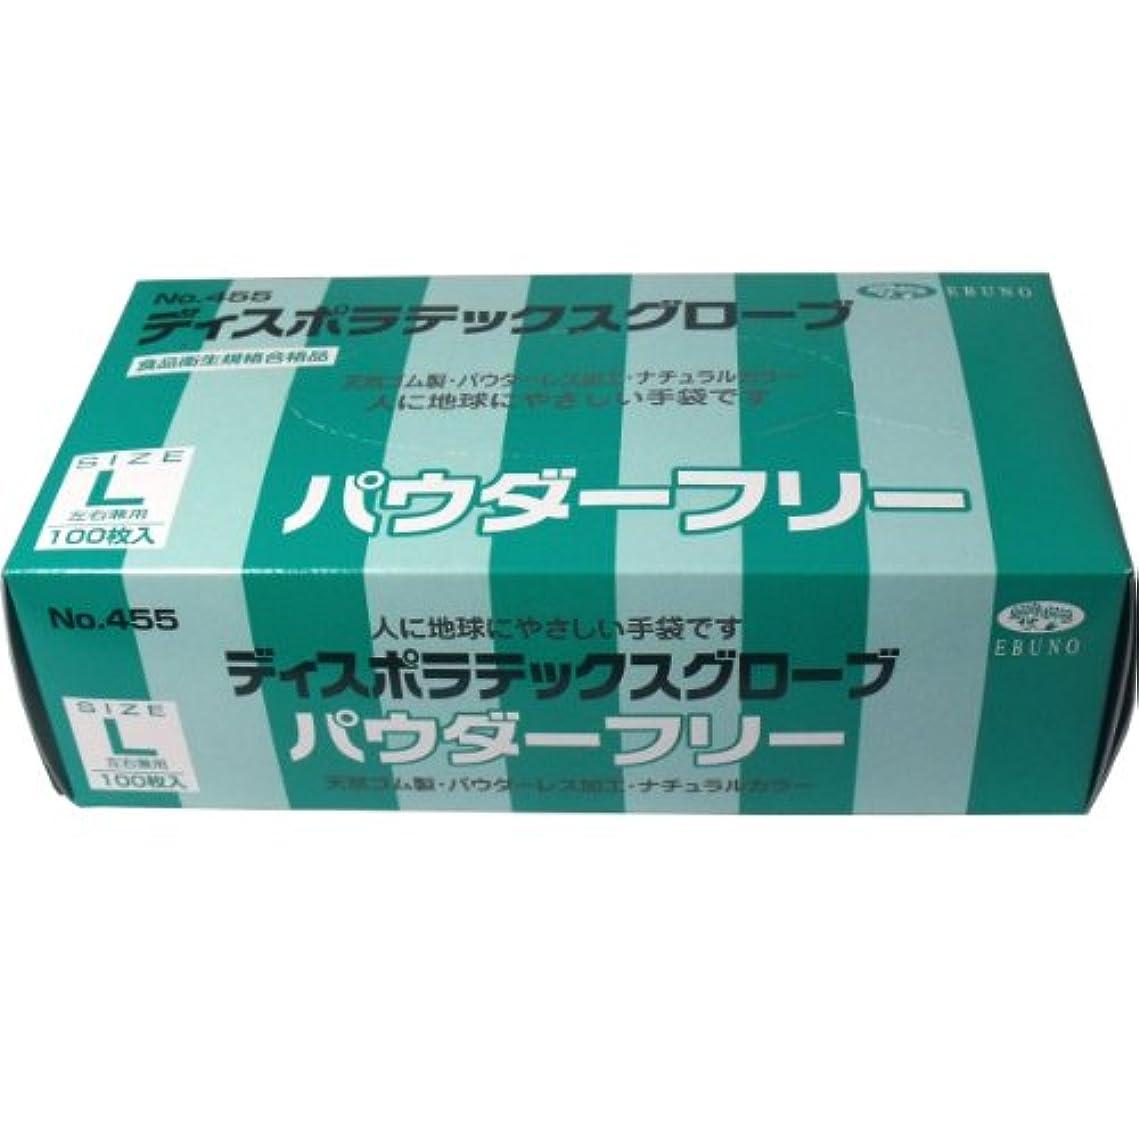 レタッチ廃止マーチャンダイザーディスポ ラテックスグローブ(天然ゴム手袋) パウダーフリー Lサイズ 100枚入 ×3個セット